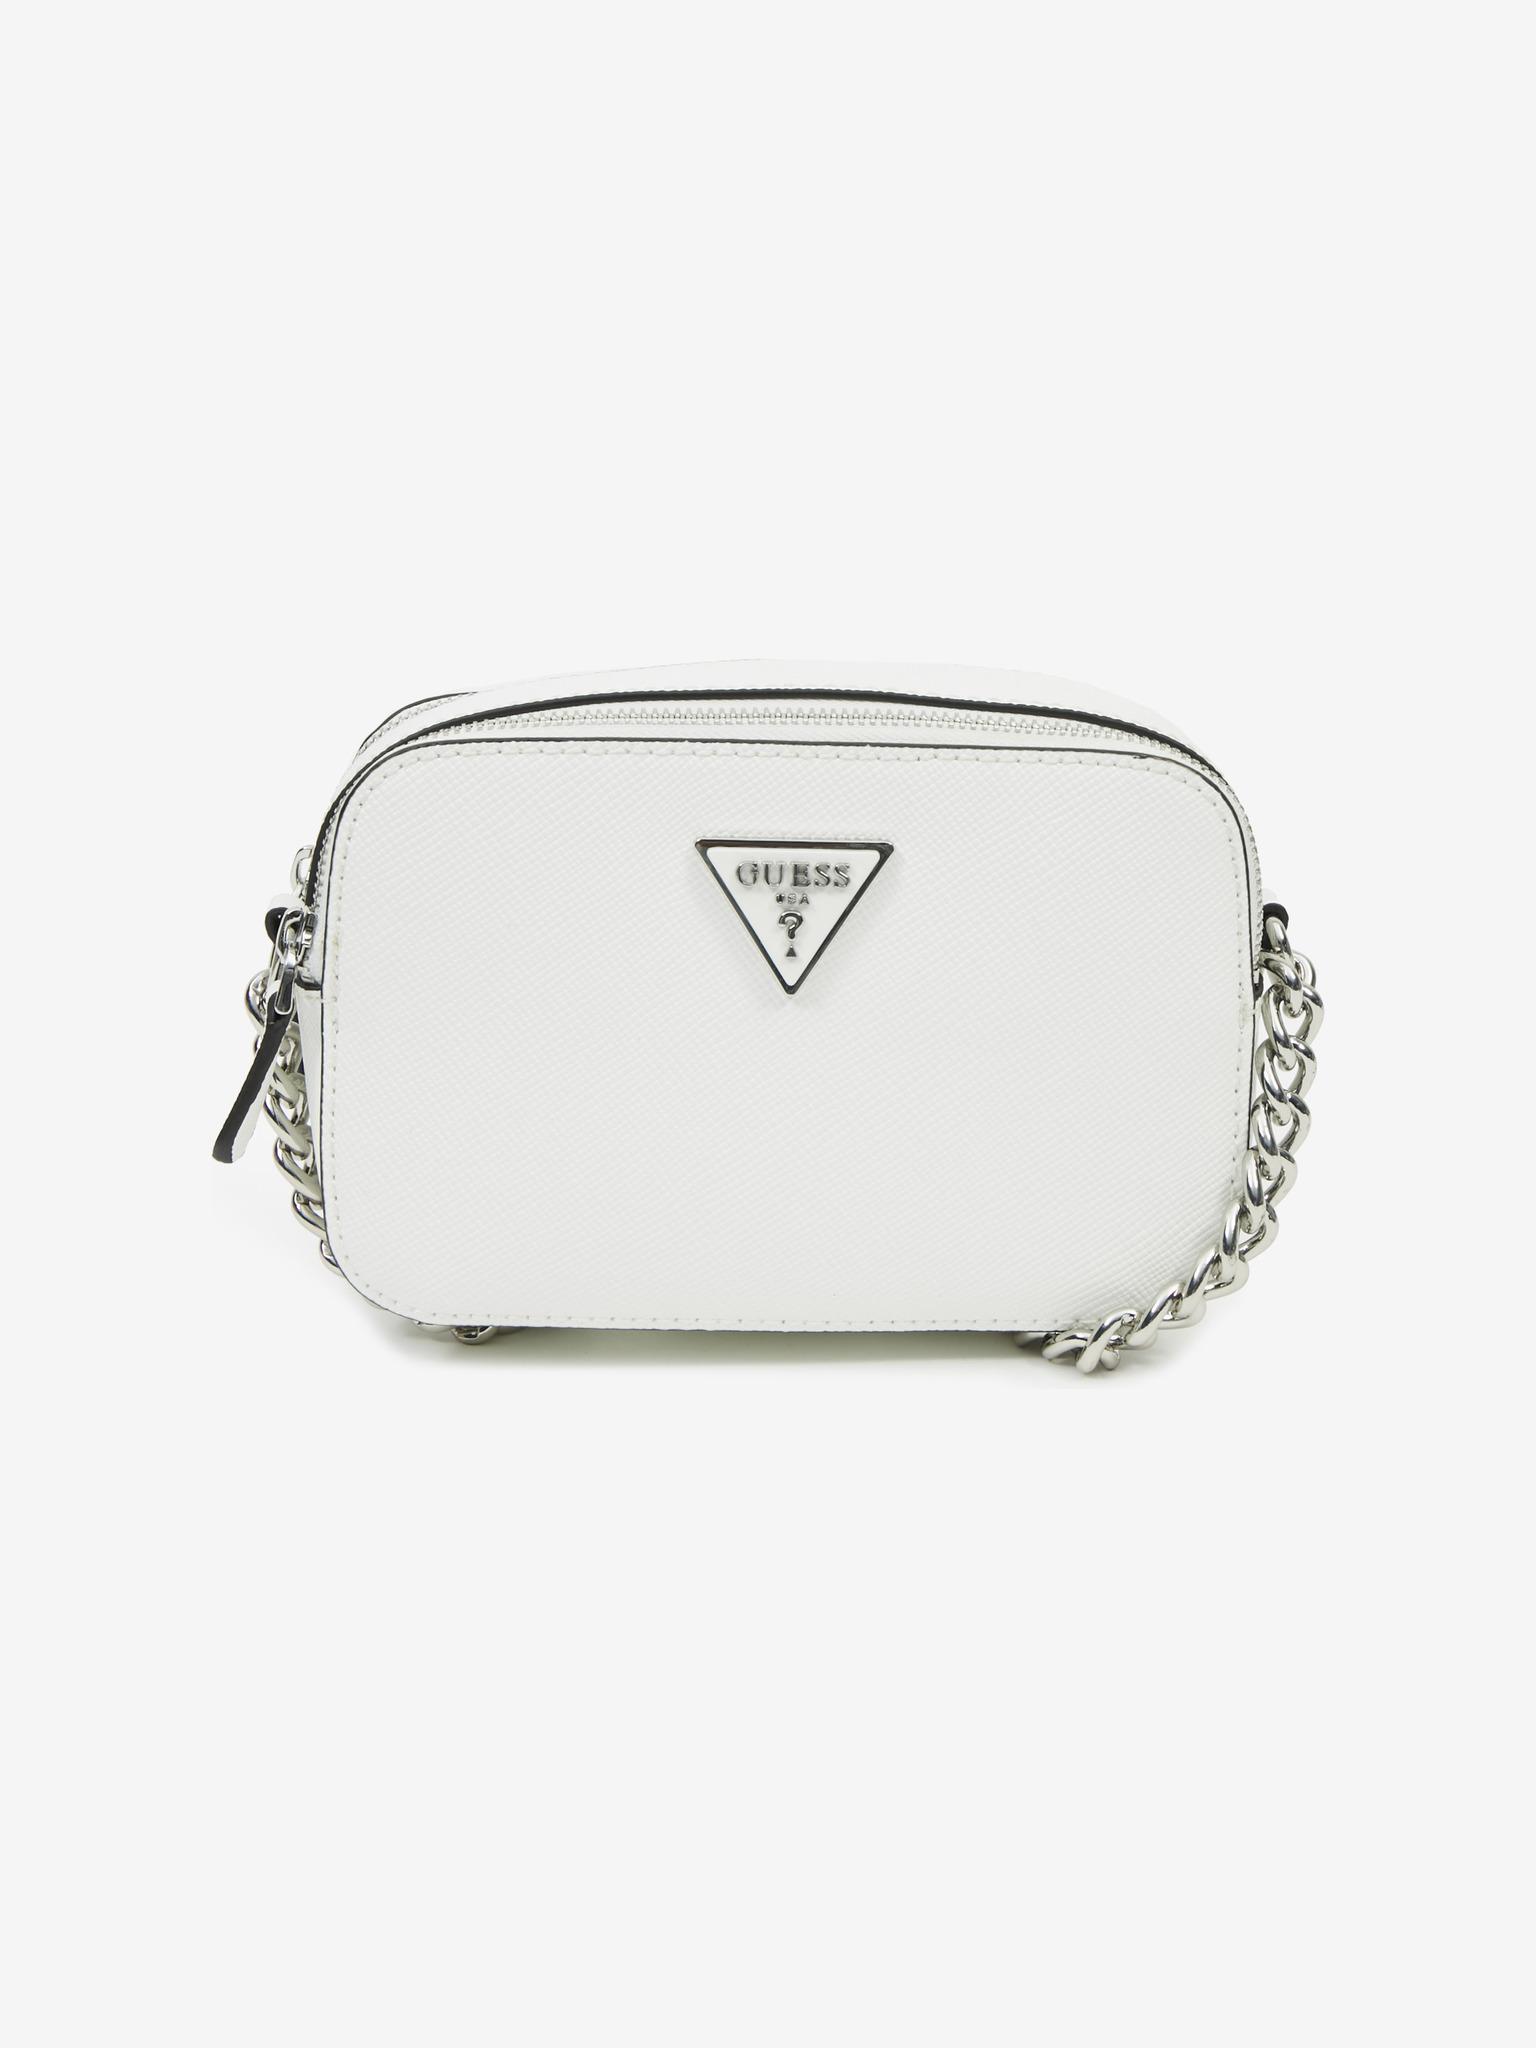 Noelle Cross чанта за тяло Guess